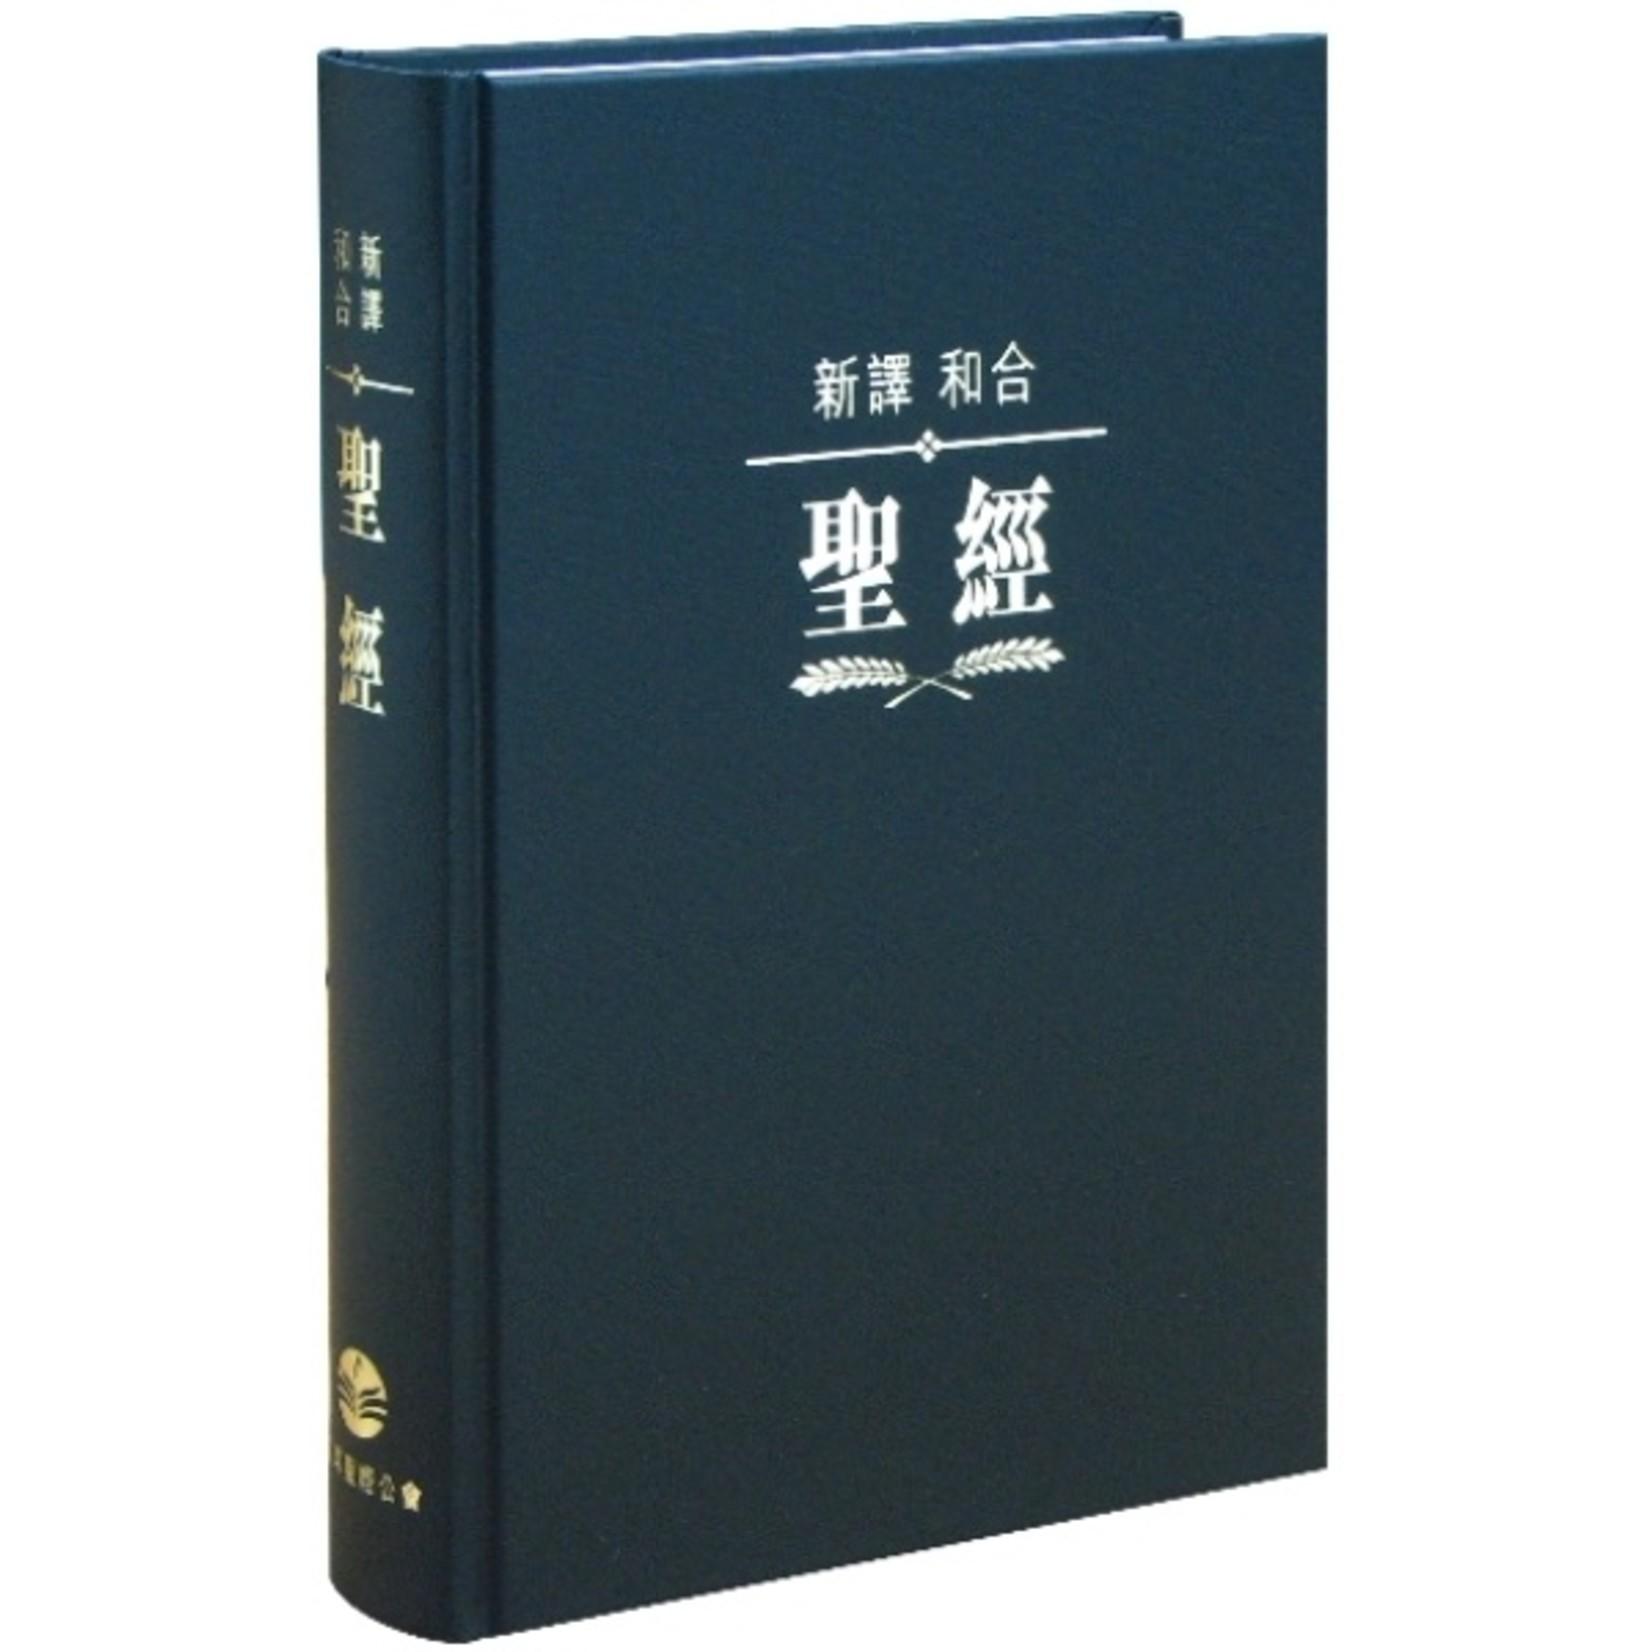 環球聖經公會 The Worldwide Bible Society 聖經・新譯本/和合本・神字版・標準裝・黑色精裝白邊(繁體) CNV/CUV, Trad., Standard, Black Hardback Cover, White Edge